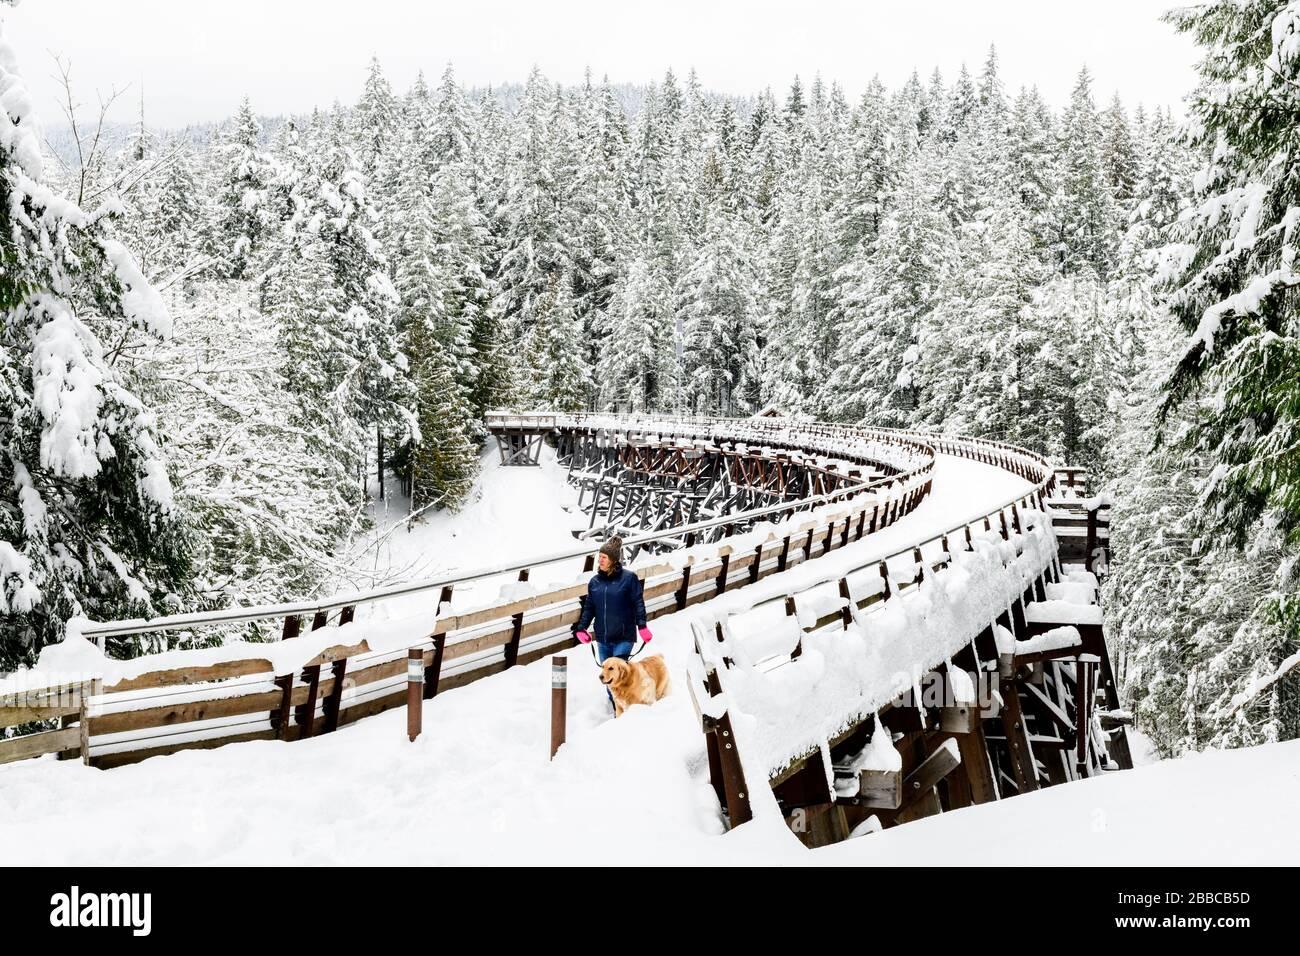 Eine Frau und ihr Hund spazieren über einen schneebespannten Kinsol Trestle in der Nähe von Shawnigan Lake, British Columbia. Stockfoto